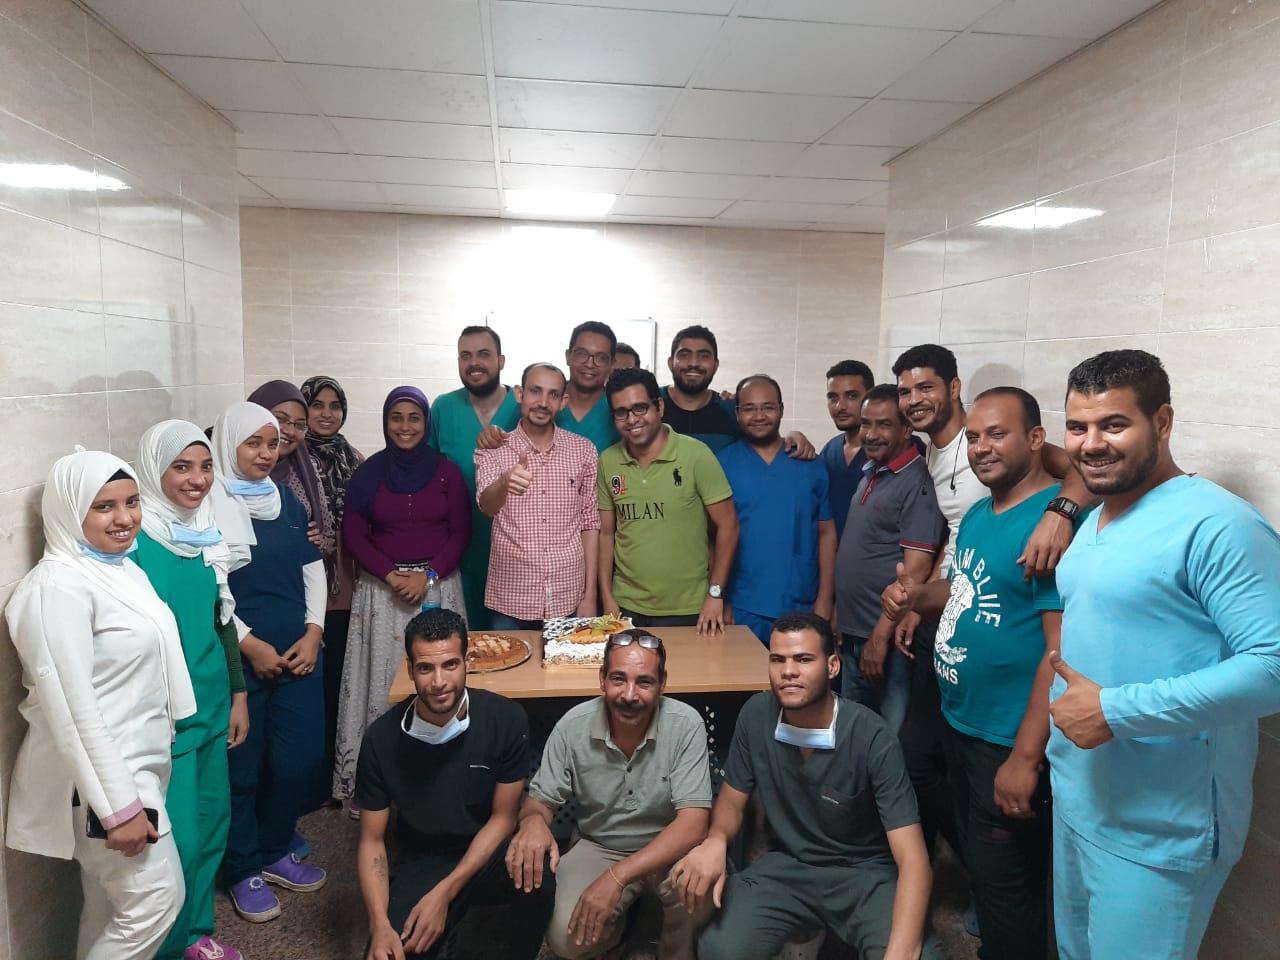 مستشفي الأقصر العام تحتفل بإنتهاء عمل الفريق الرابع للعزل الصحى  (1)